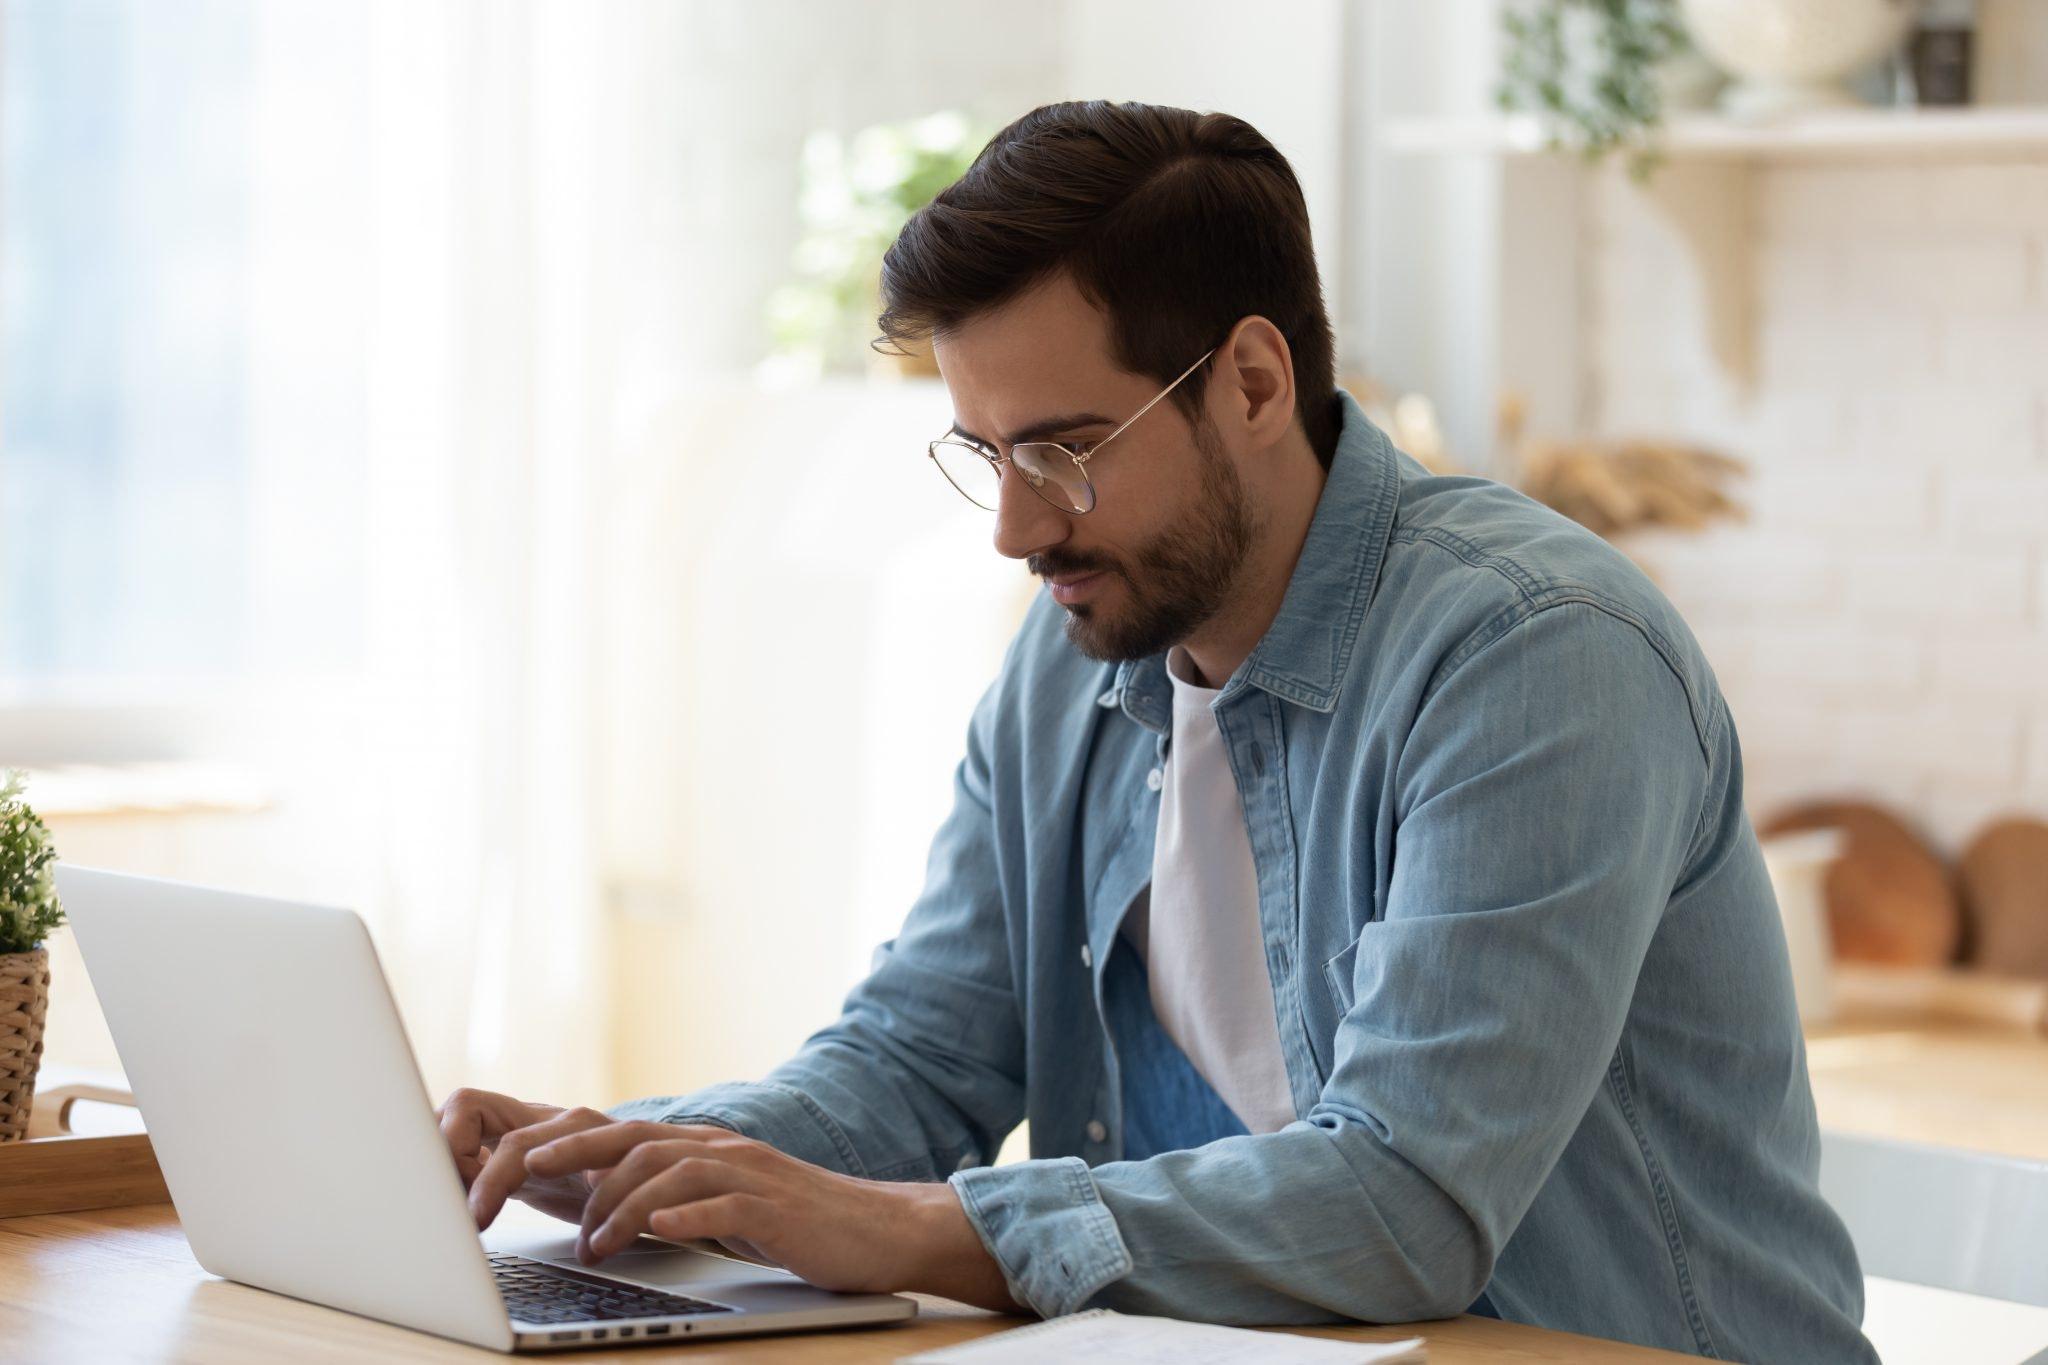 employee working at laptop